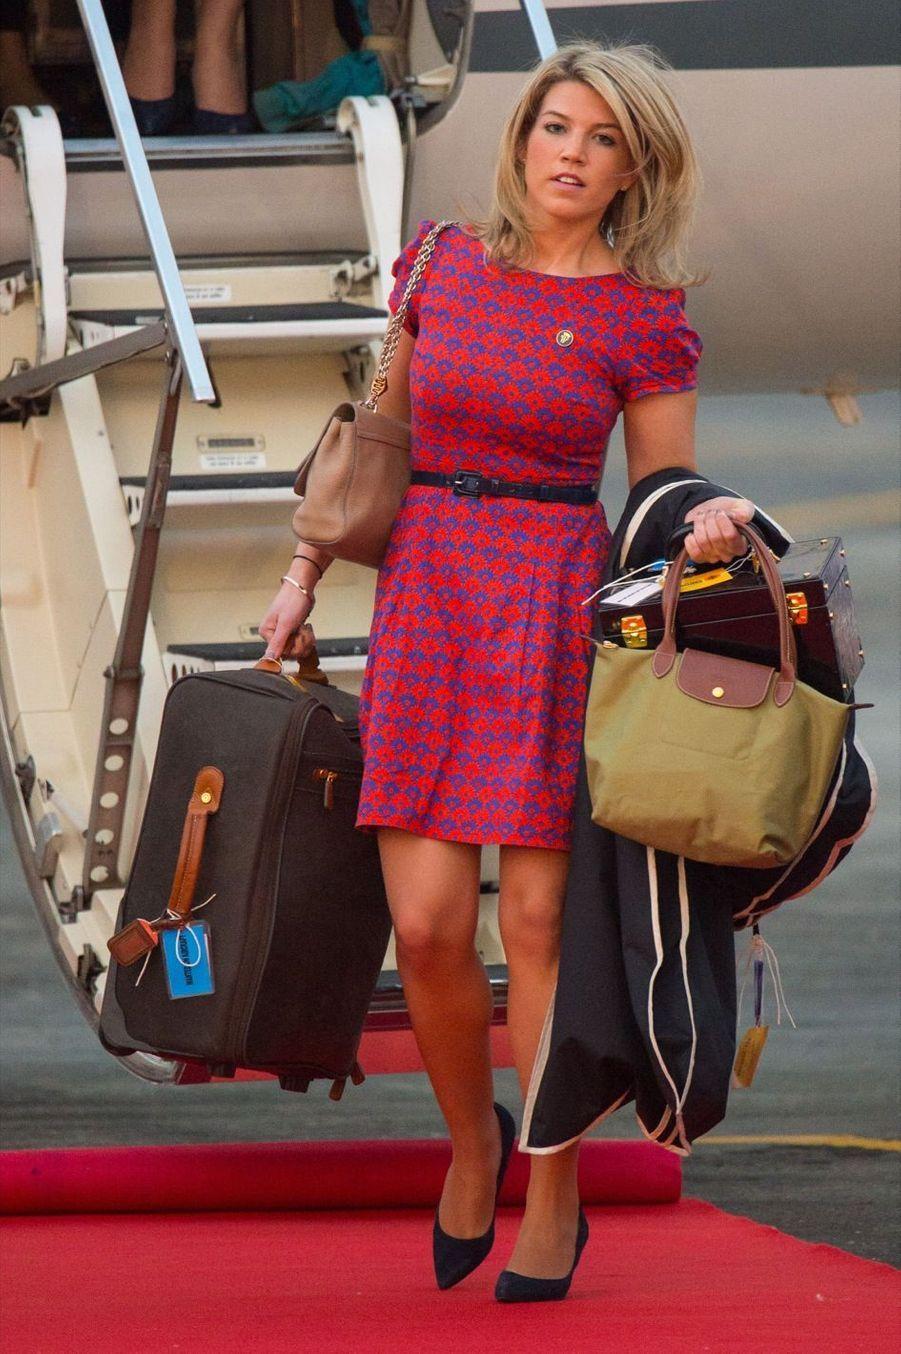 """Natasha Archer, ancienne attachée de presse, est la styliste de Kate. Au service de la famille depuis trois ans, elle aurait notamment été chargée de donner un style plus """"royal"""" à la duchesse, comme l'aurait demandé la Reine. Tash comme on la surnomme a été remarquée la première fois à la naissance de Prince George, accompagnant Amanda Cook Tucker à la maternité. C'est elle qui aurait choisi la célèbre robe bleue et blanche à pois, que portait Kate à sa sortie. Natasha s'est récemment fiancée au photographe royal de l'agence Getty, Chris Jackson."""